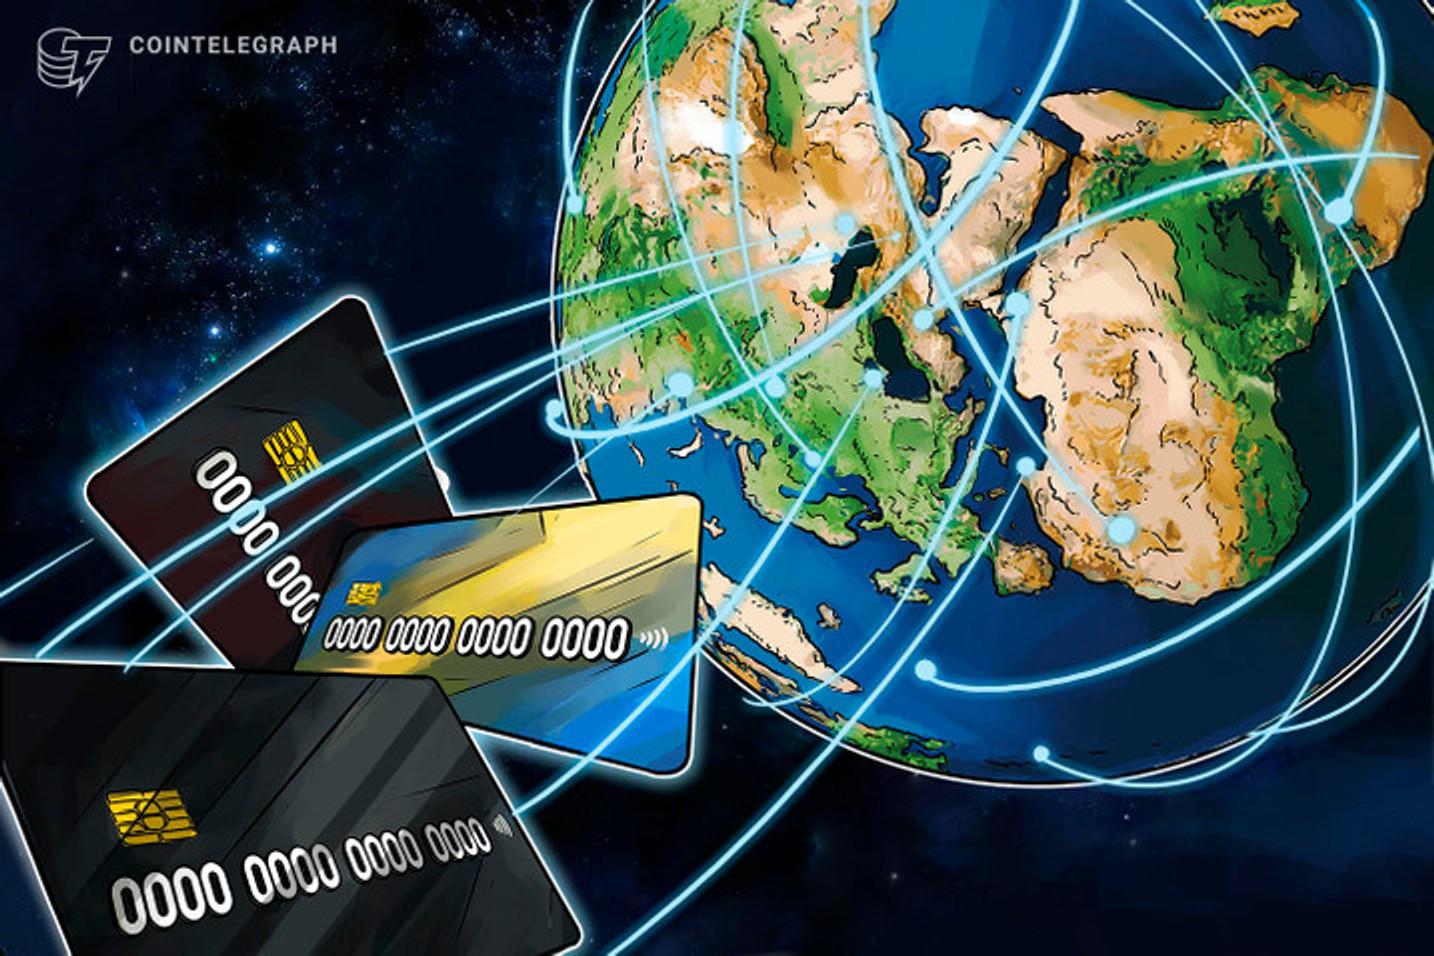 La fintech Bitpanda lanza una tarjeta de débito